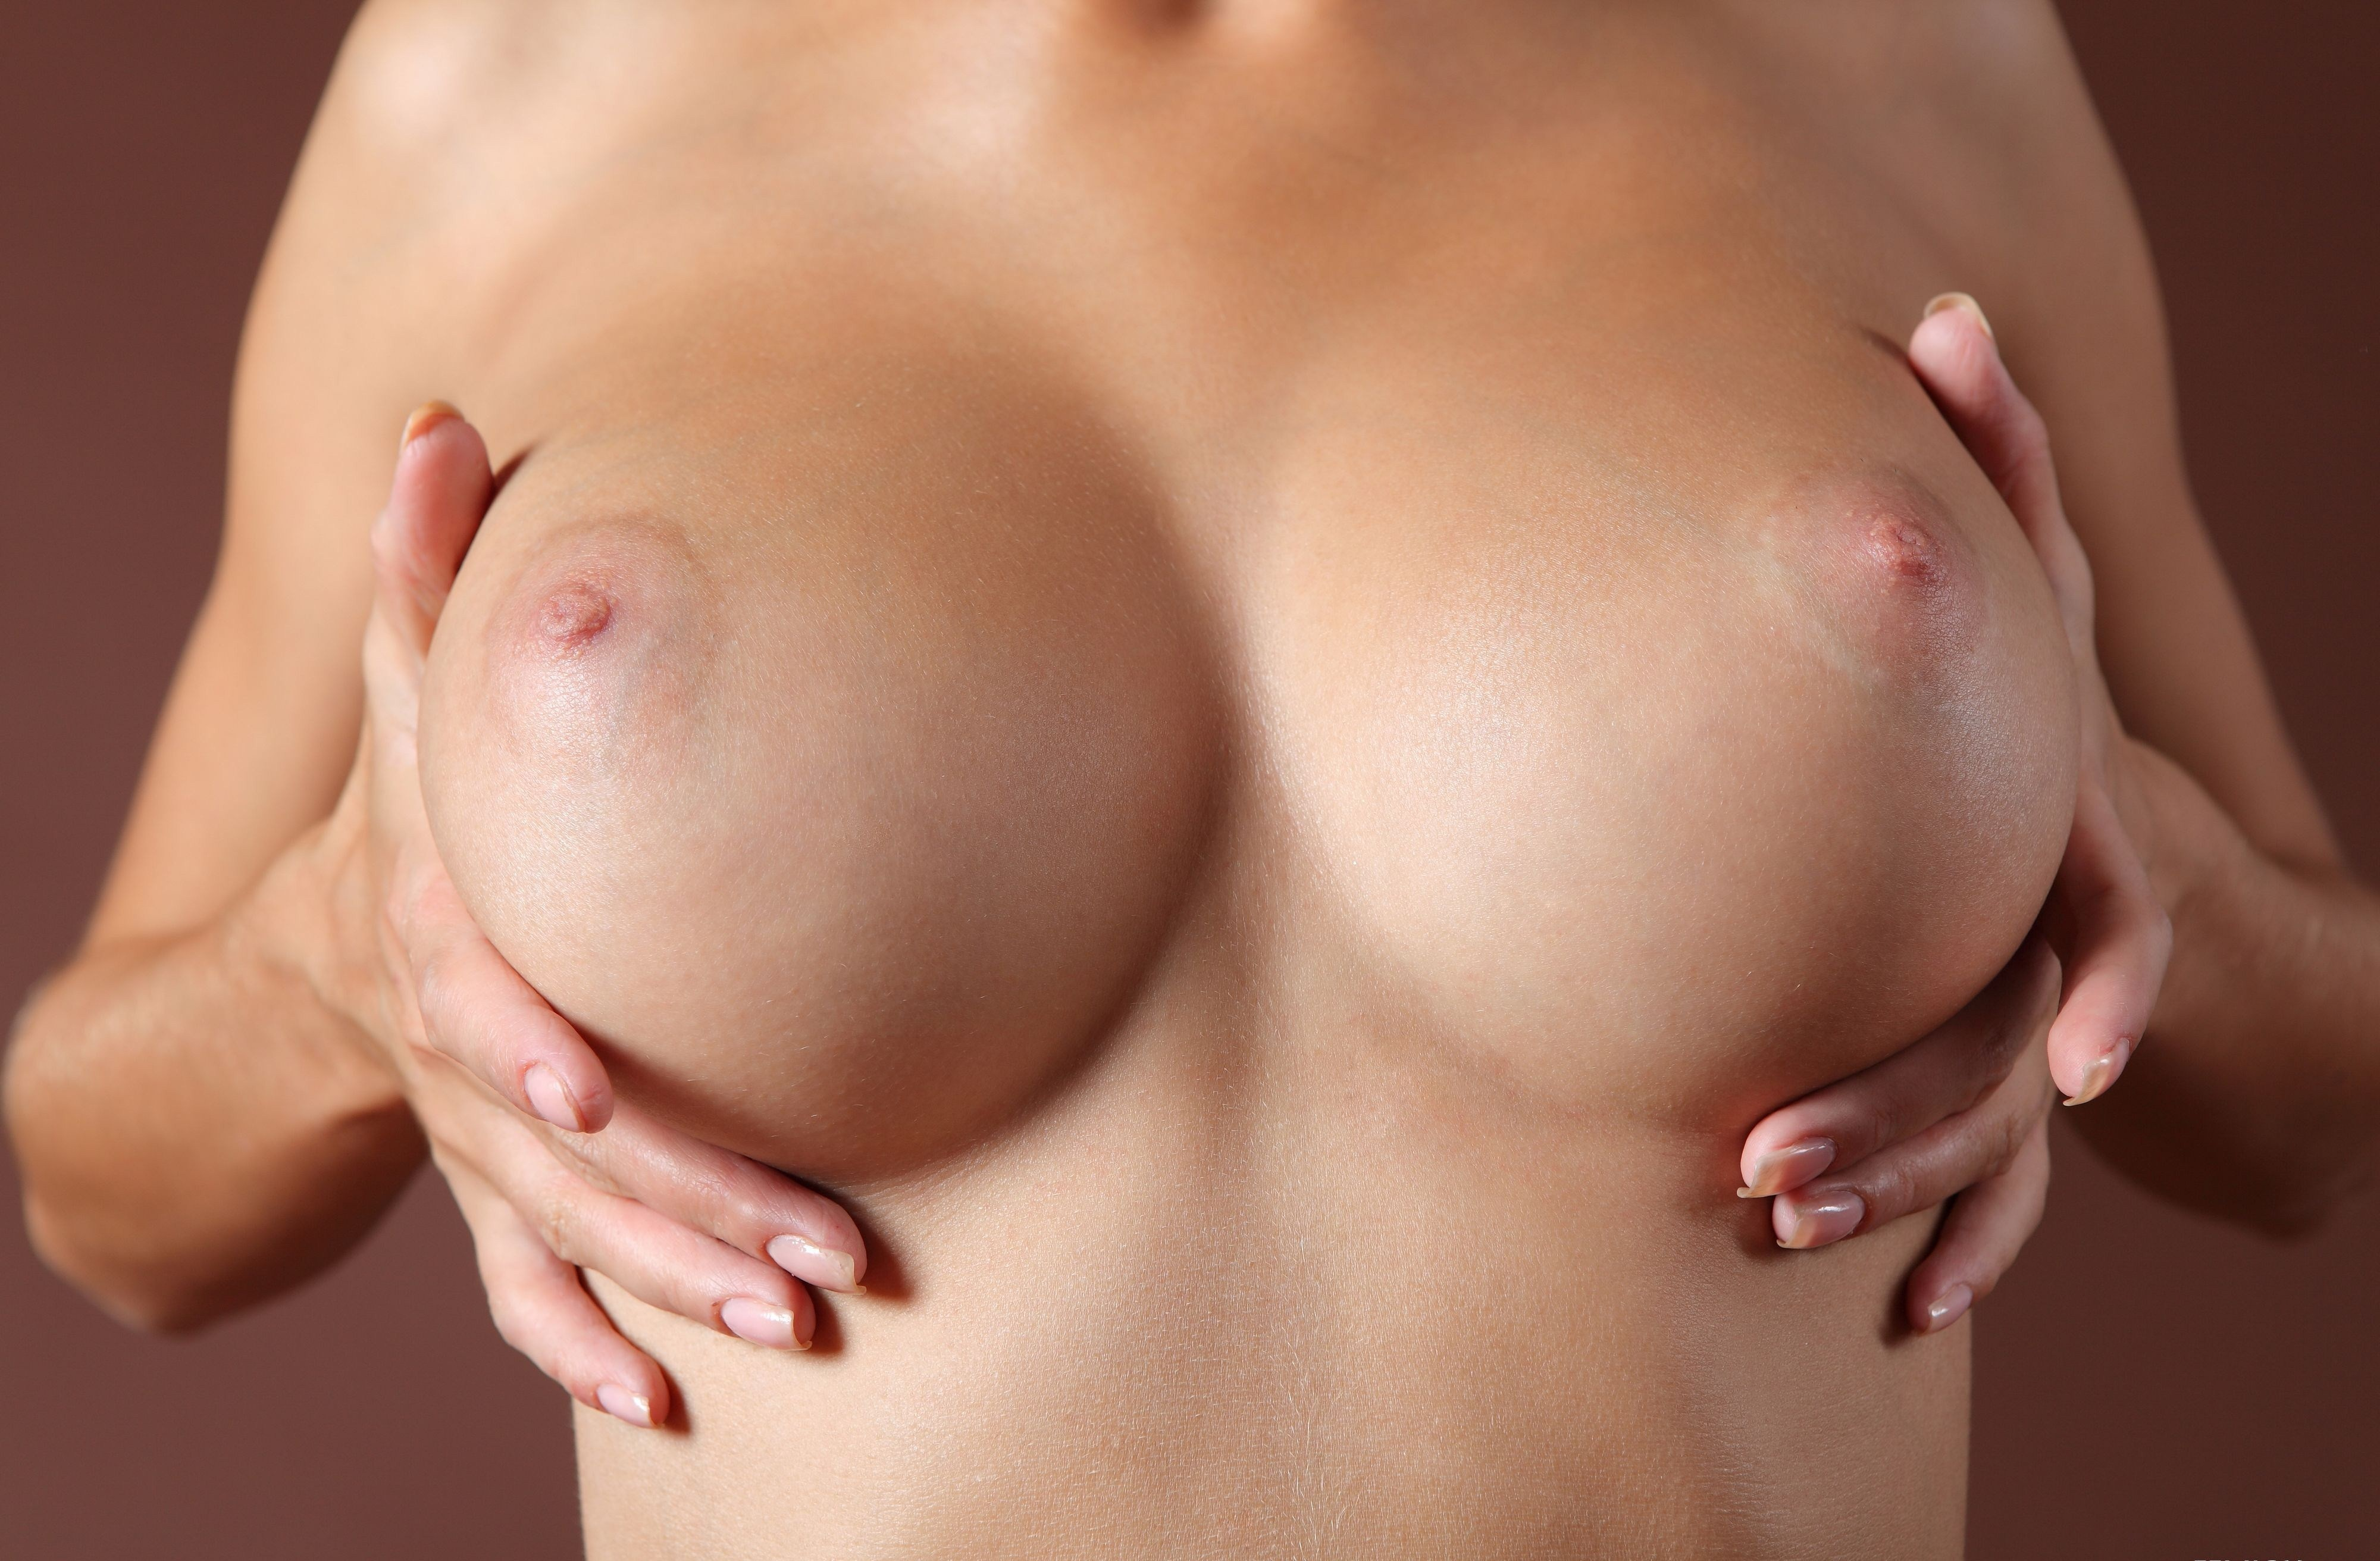 упругая видео онлайн грудь большая